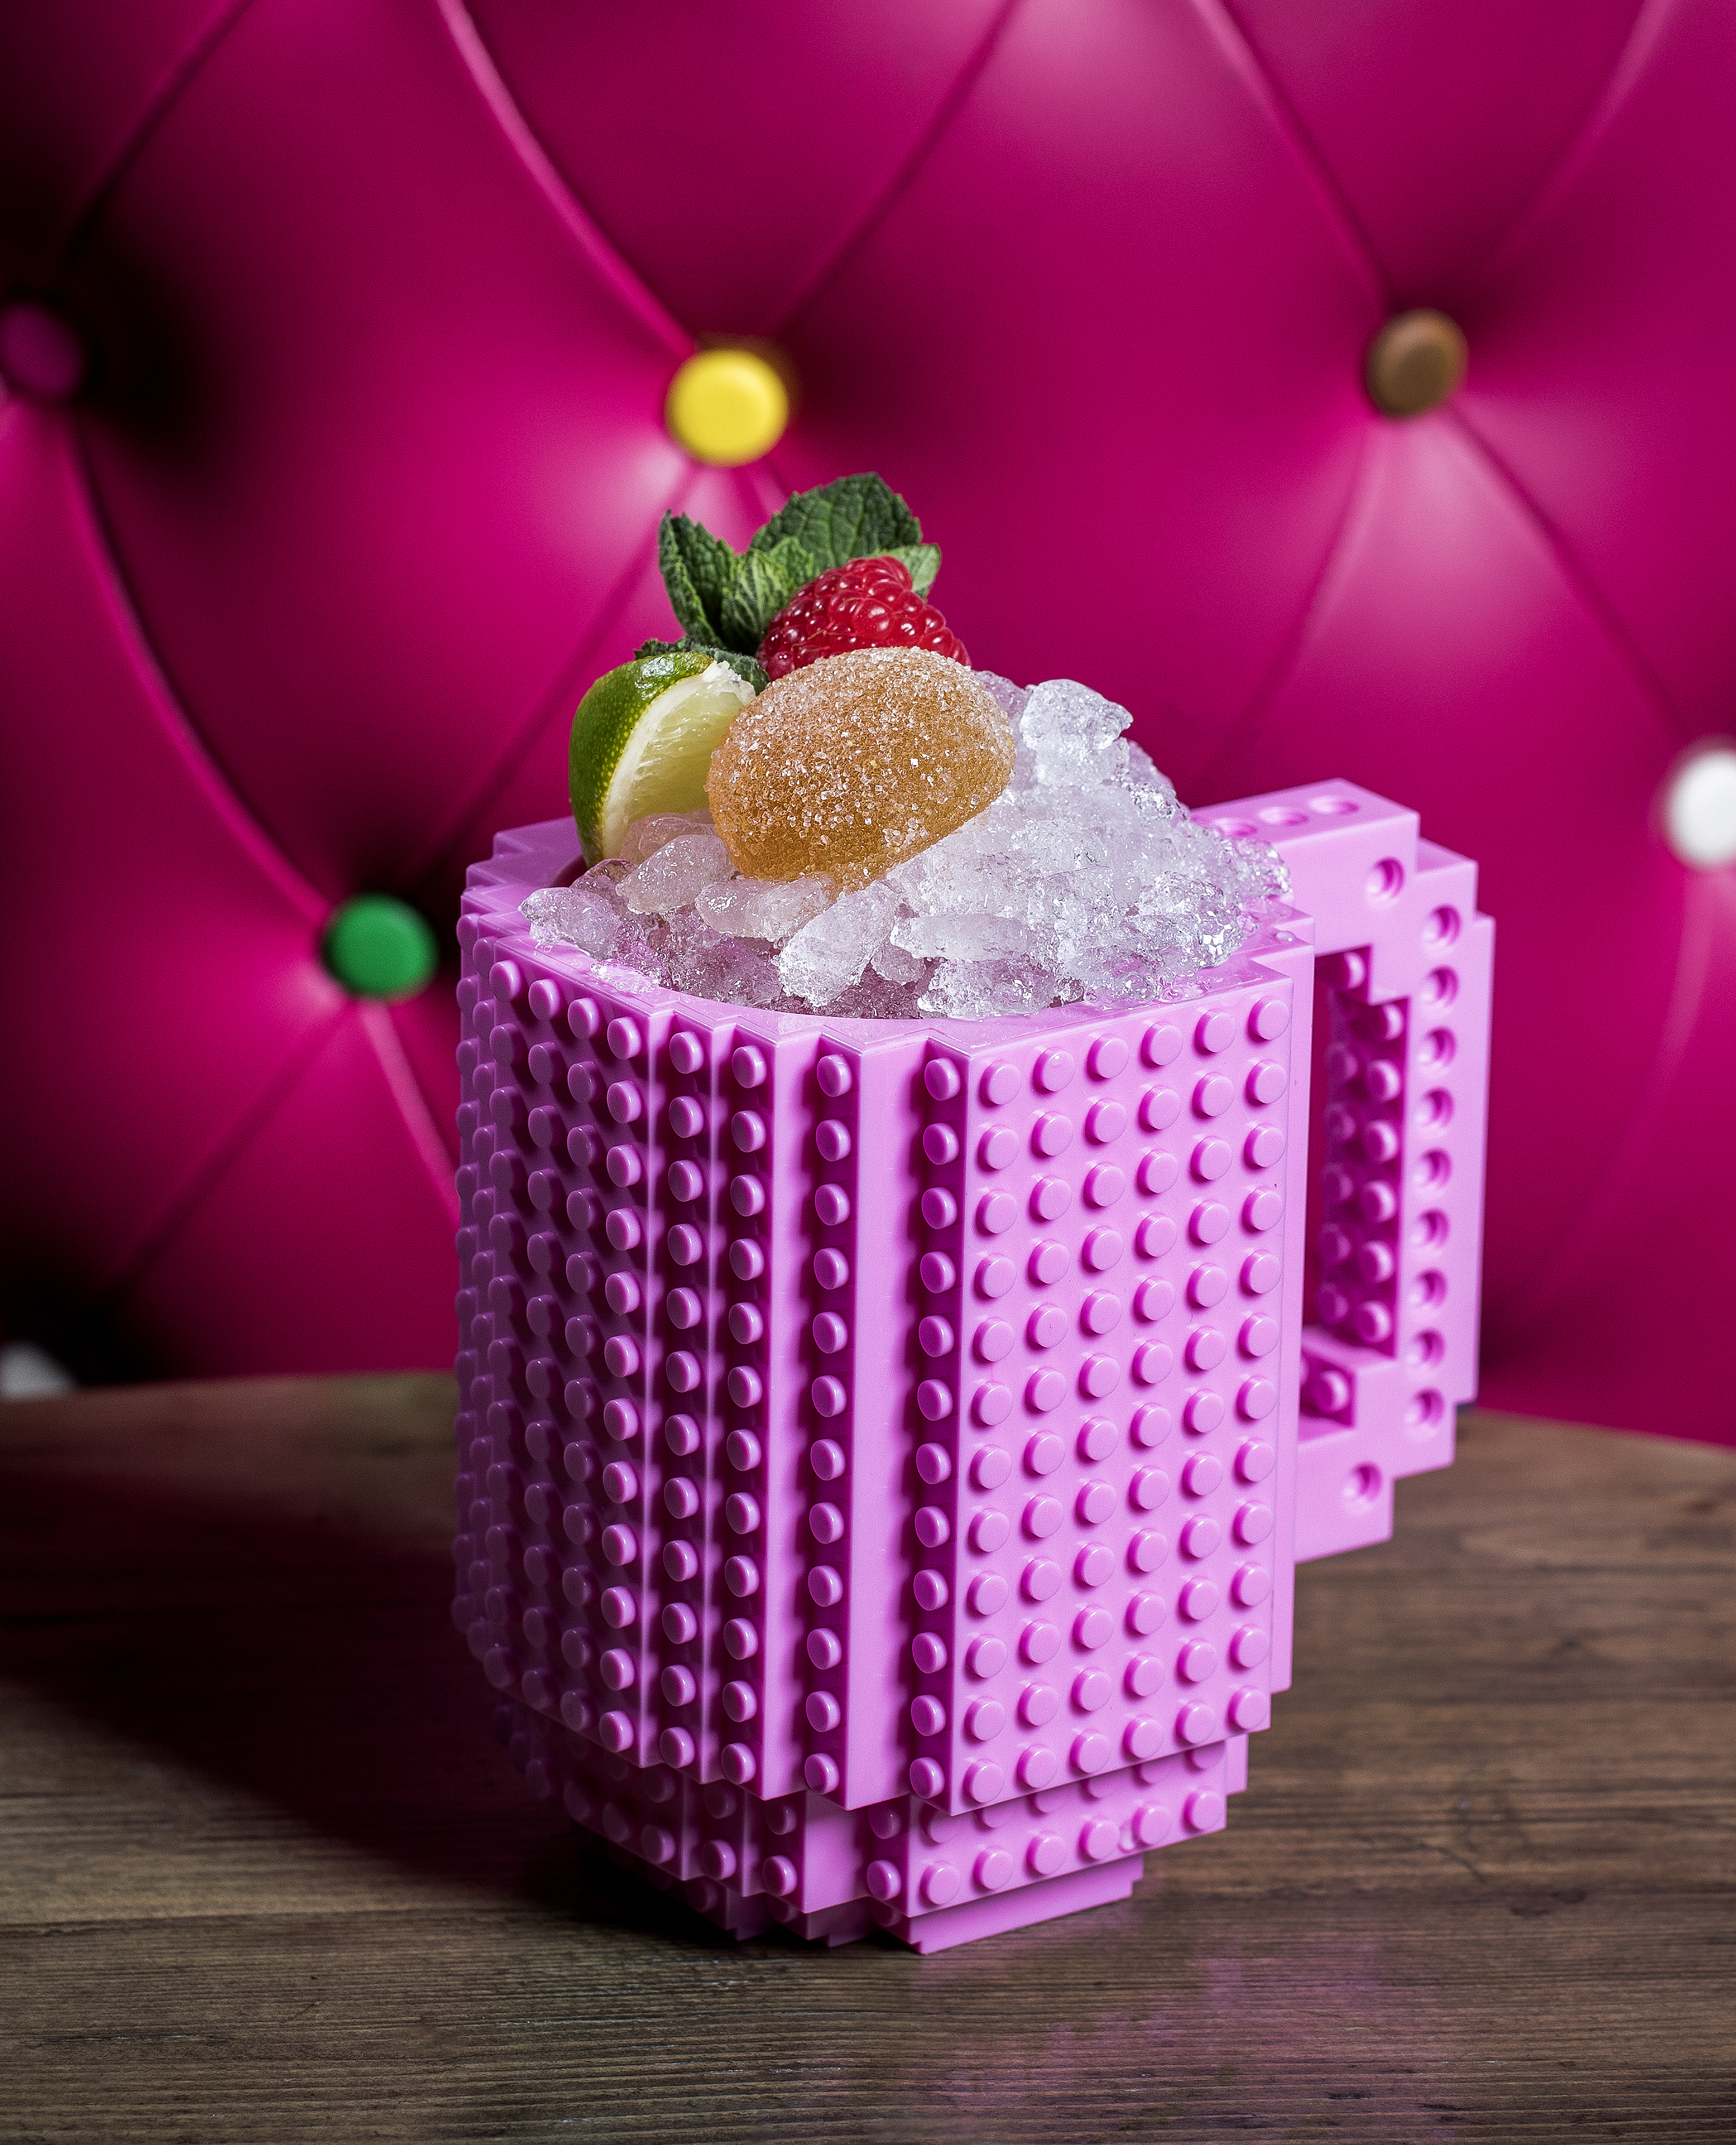 Raspberry brick-a-brack